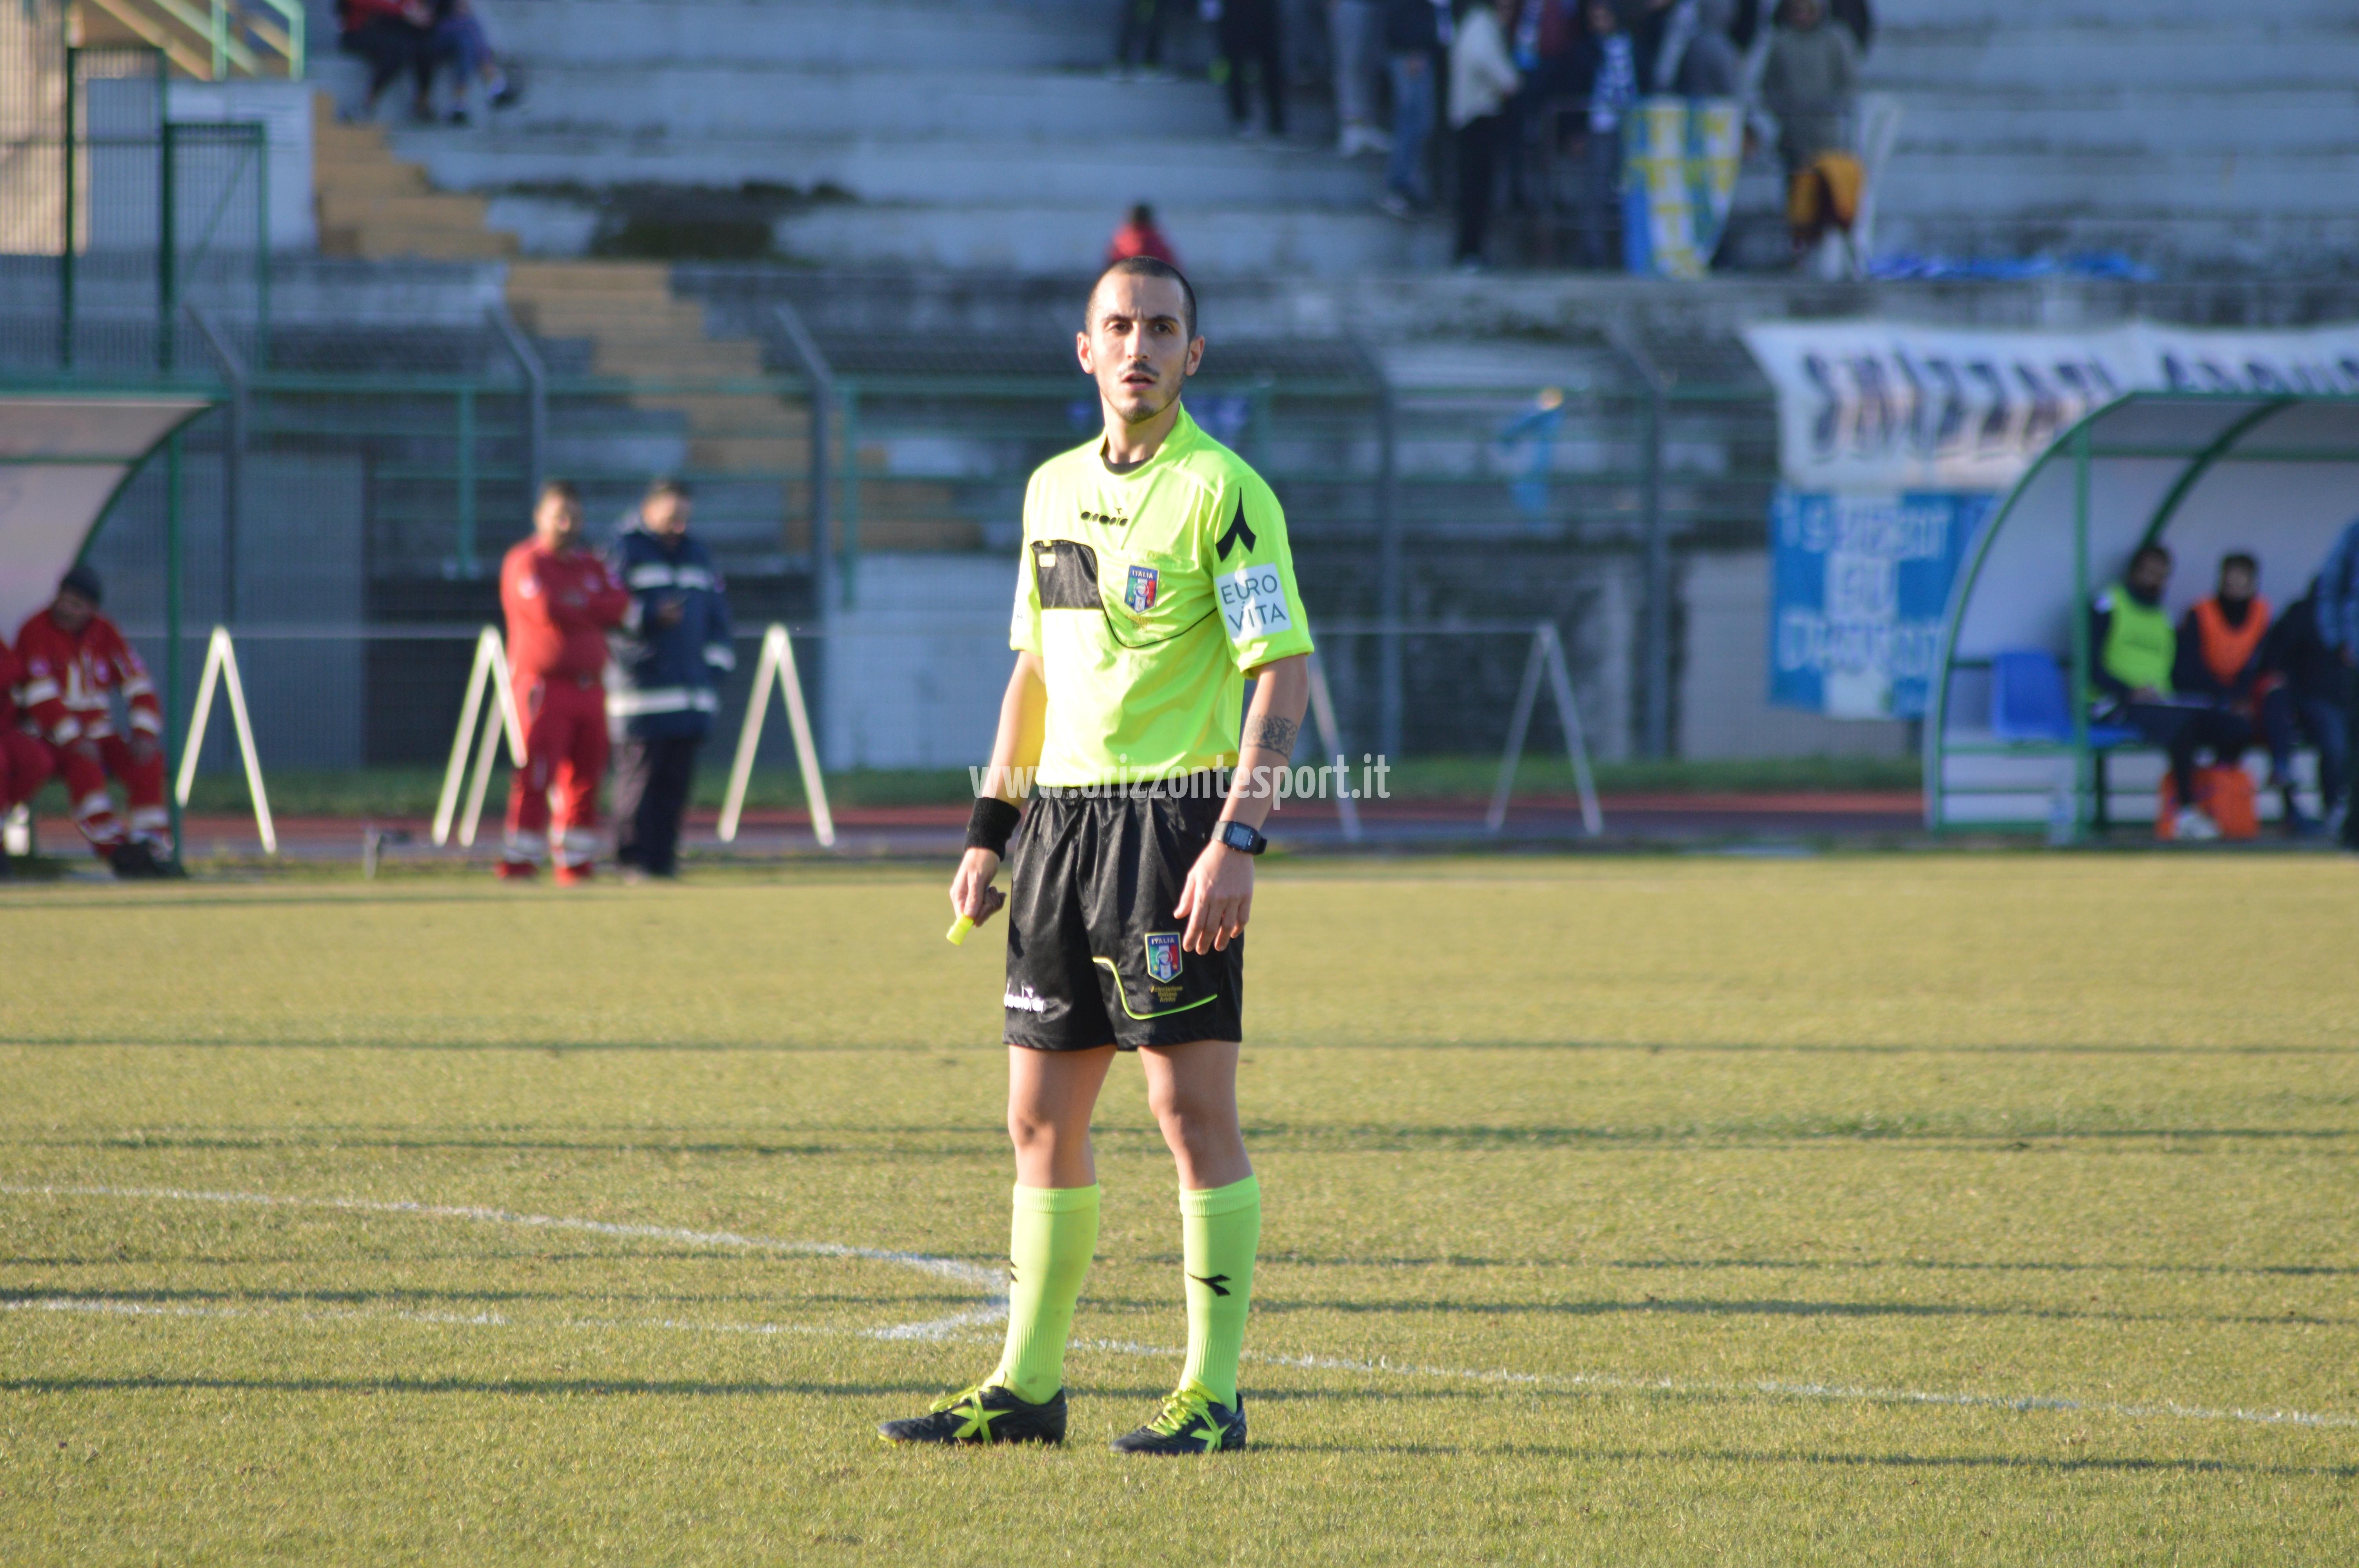 corigliano_gallicocatona (47)